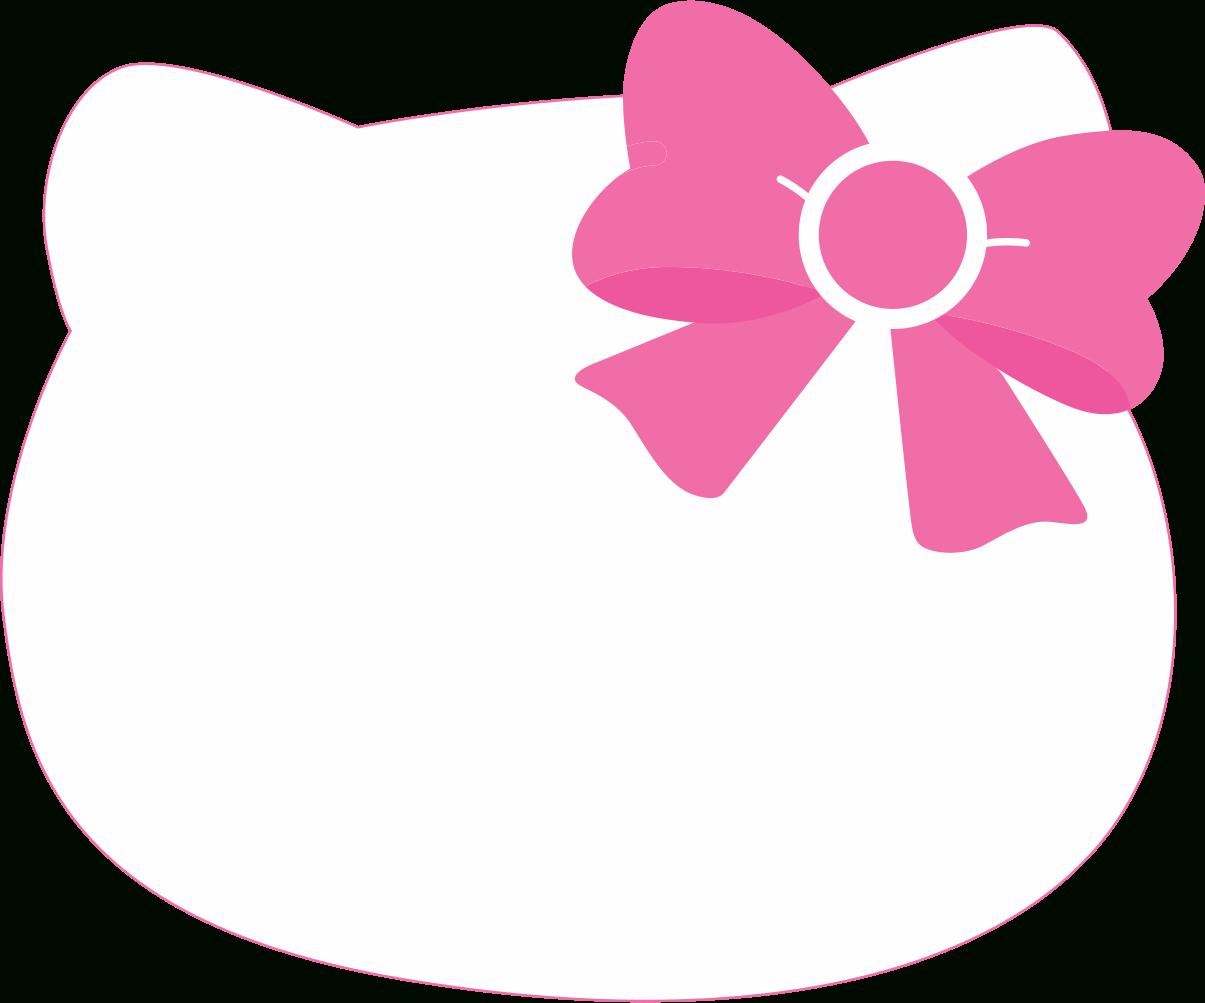 Hello Kitty Free Printable Mini Kit. | Oh My Fiesta! In English - Hello Kitty Labels Printable Free